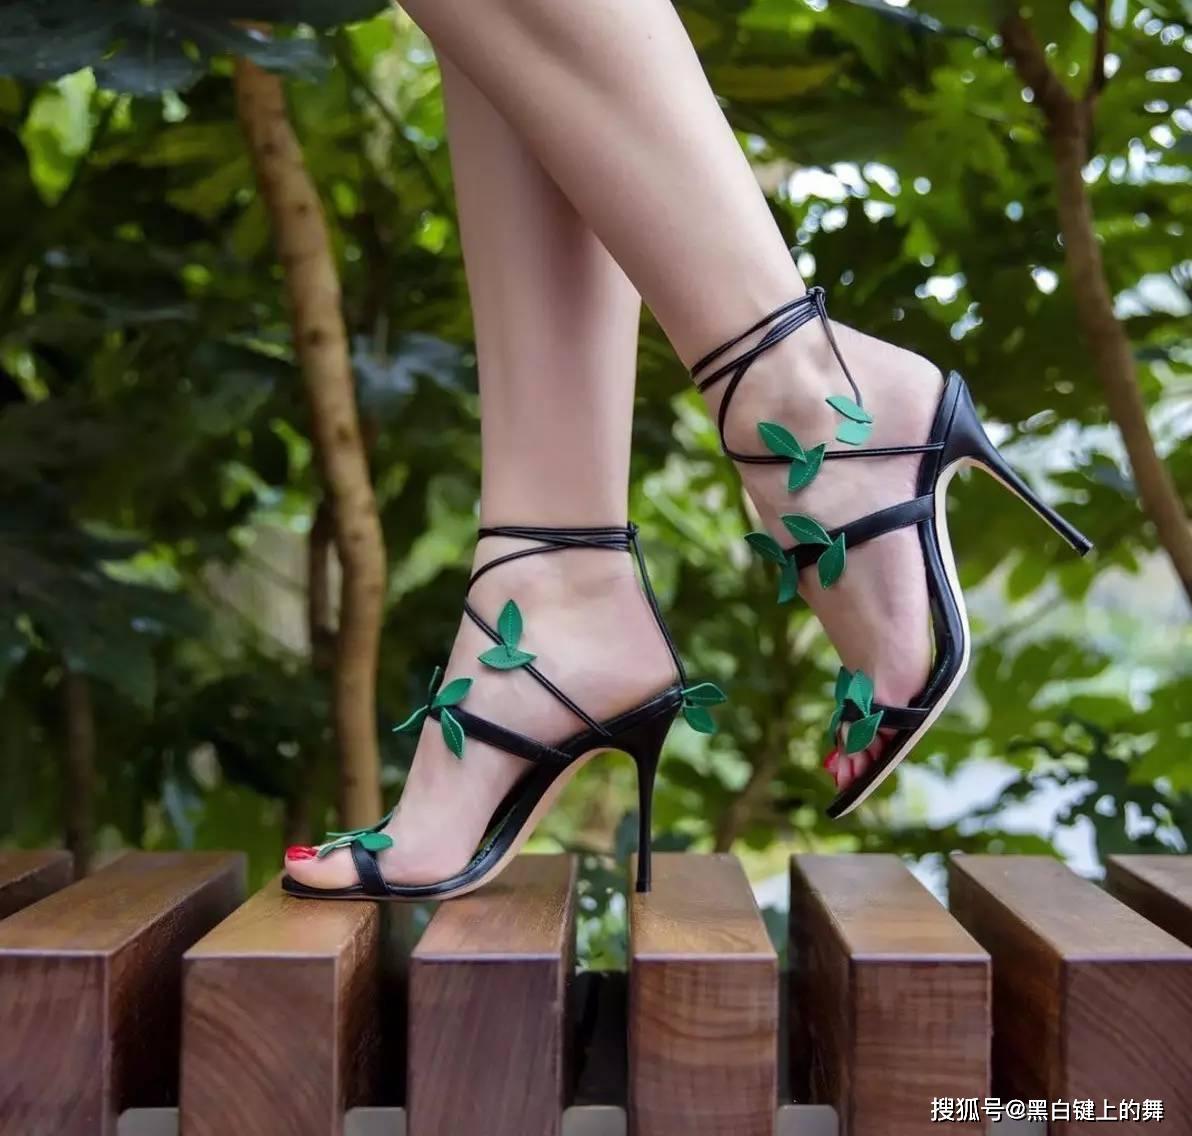 迪丽热巴穿高跟鞋